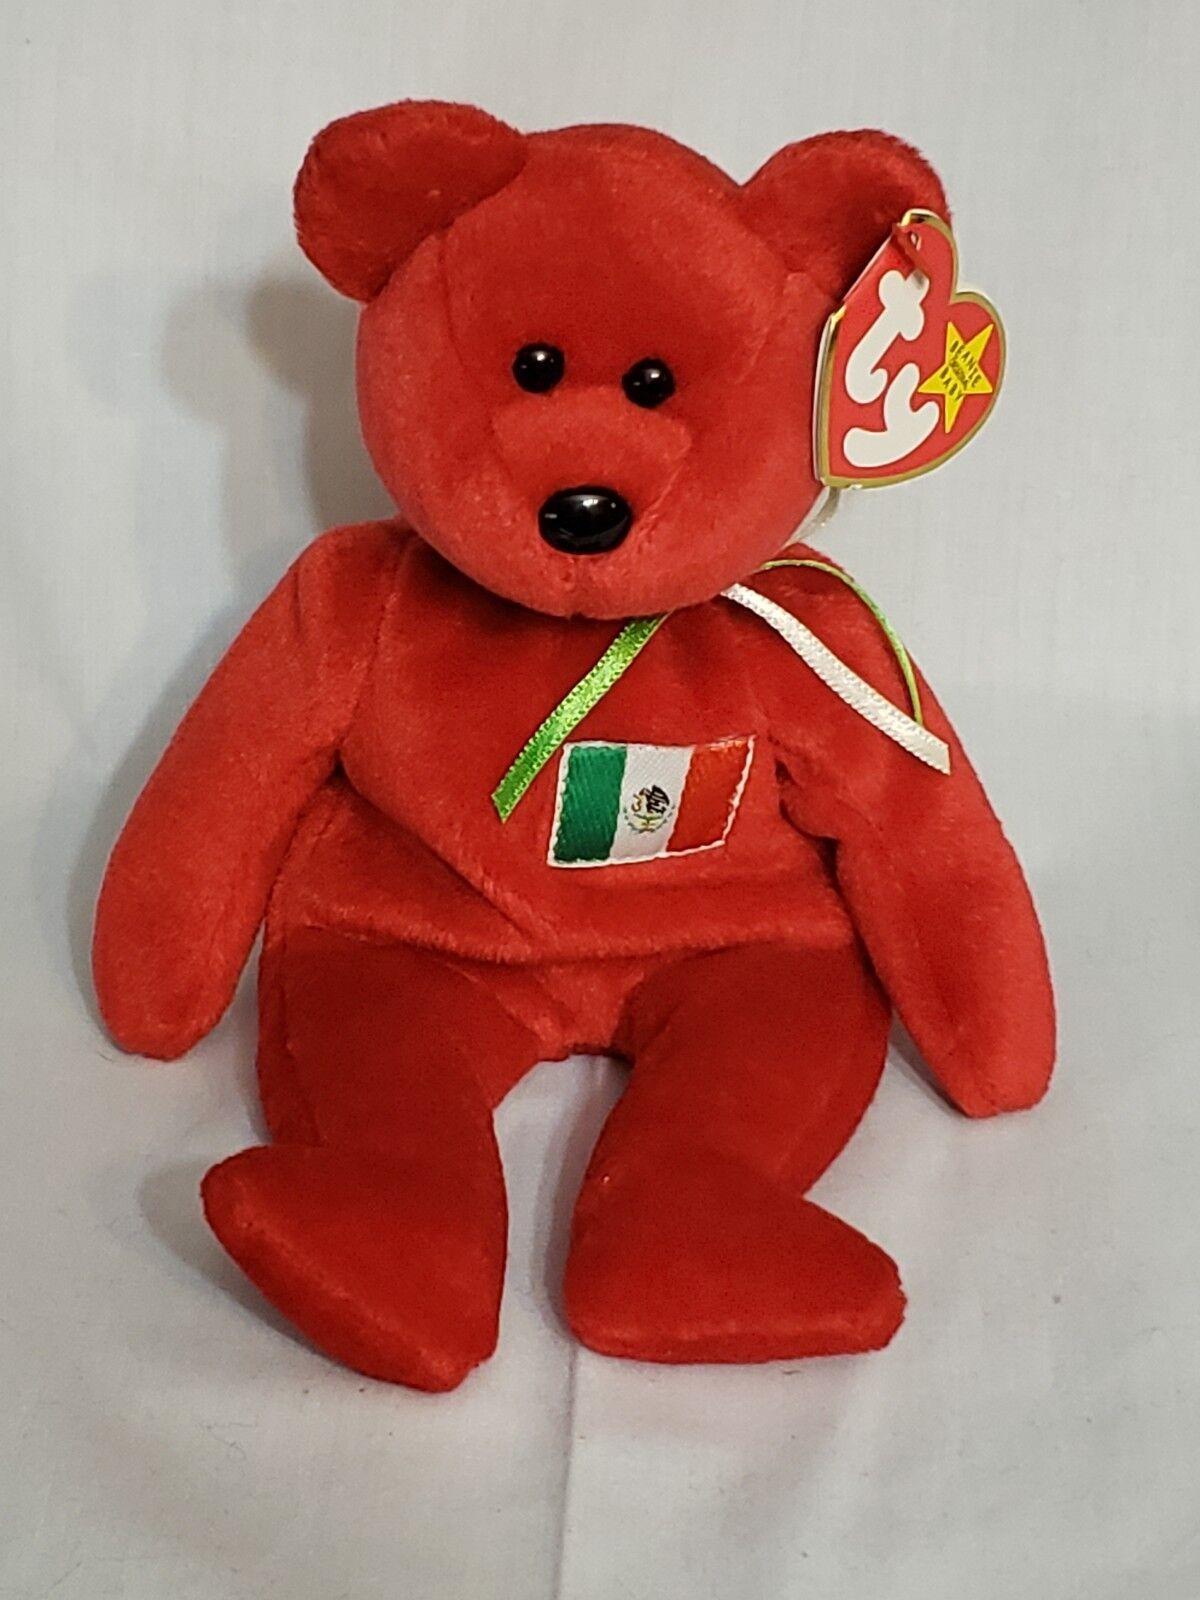 Beanie babys osito - selten (1999) - ein sammlerstück - sehr guten zustand